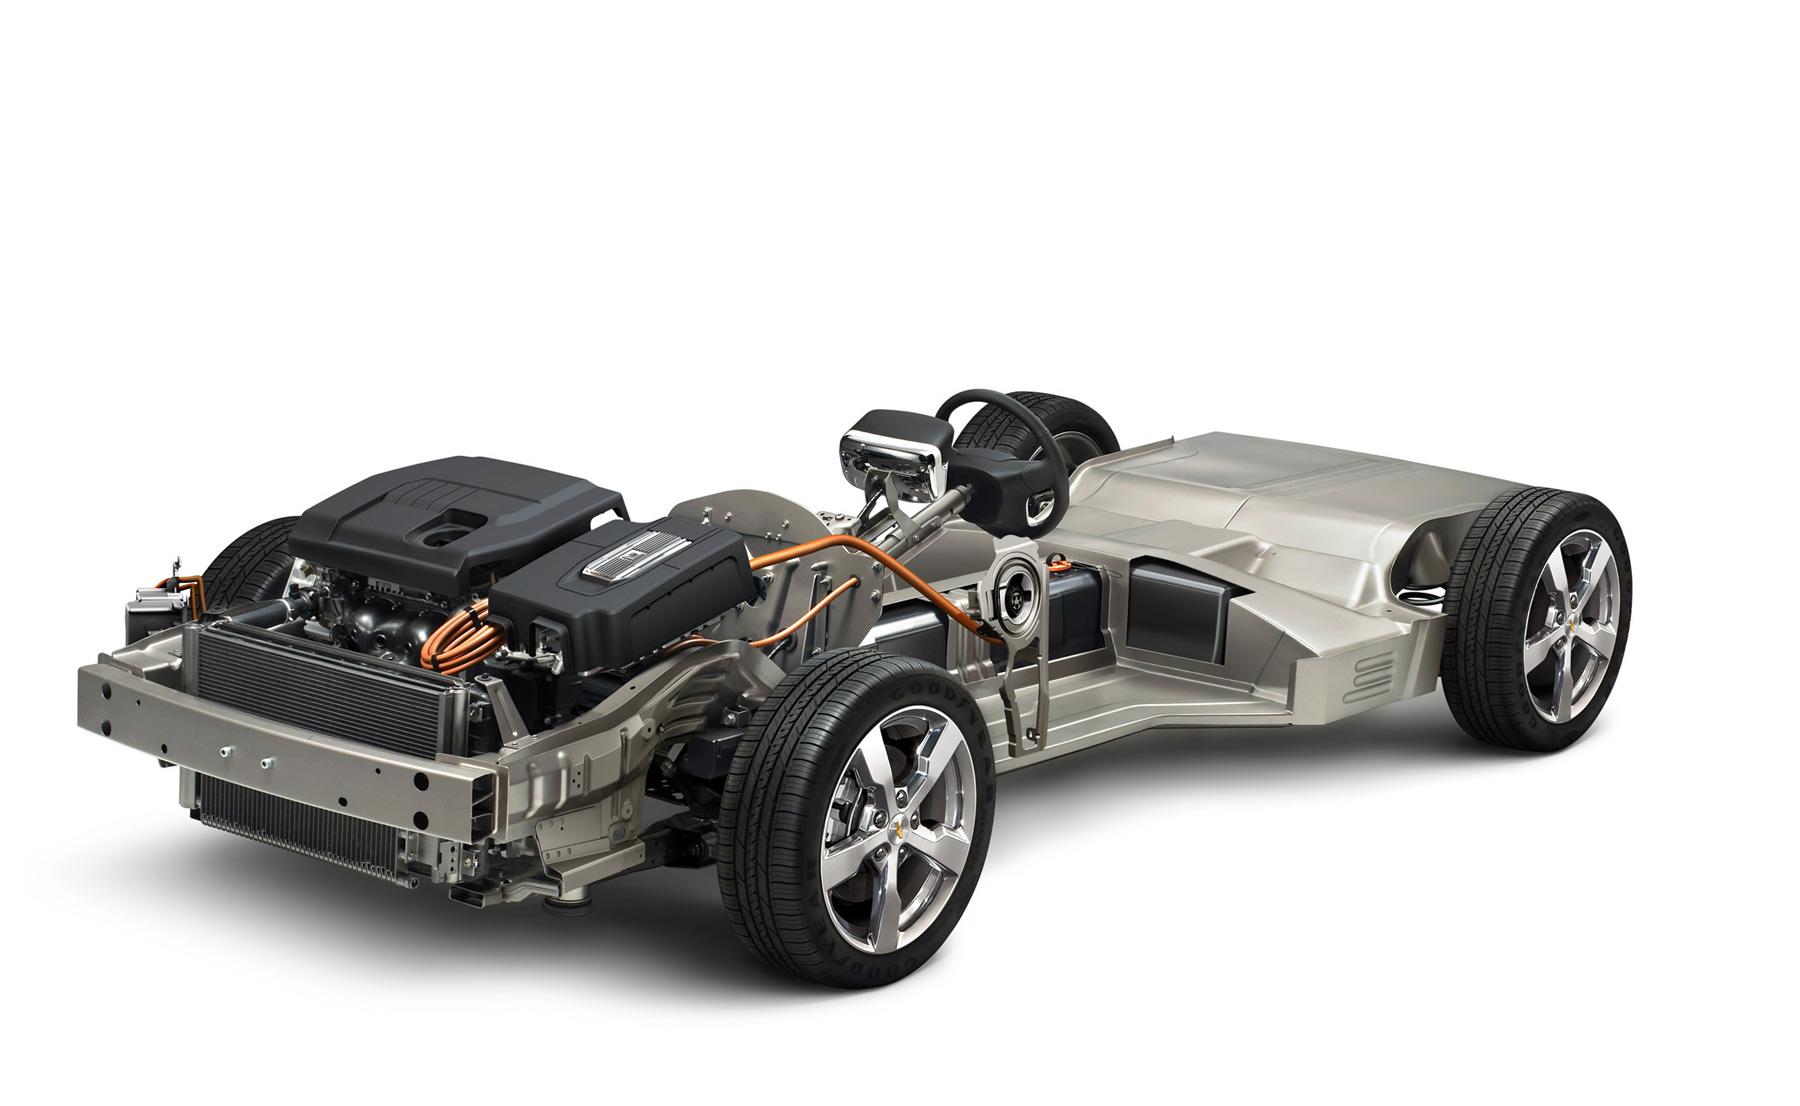 Chevrolet Volt Propulsion System Named A Wards 10 Best Engine Gm Diagram Of